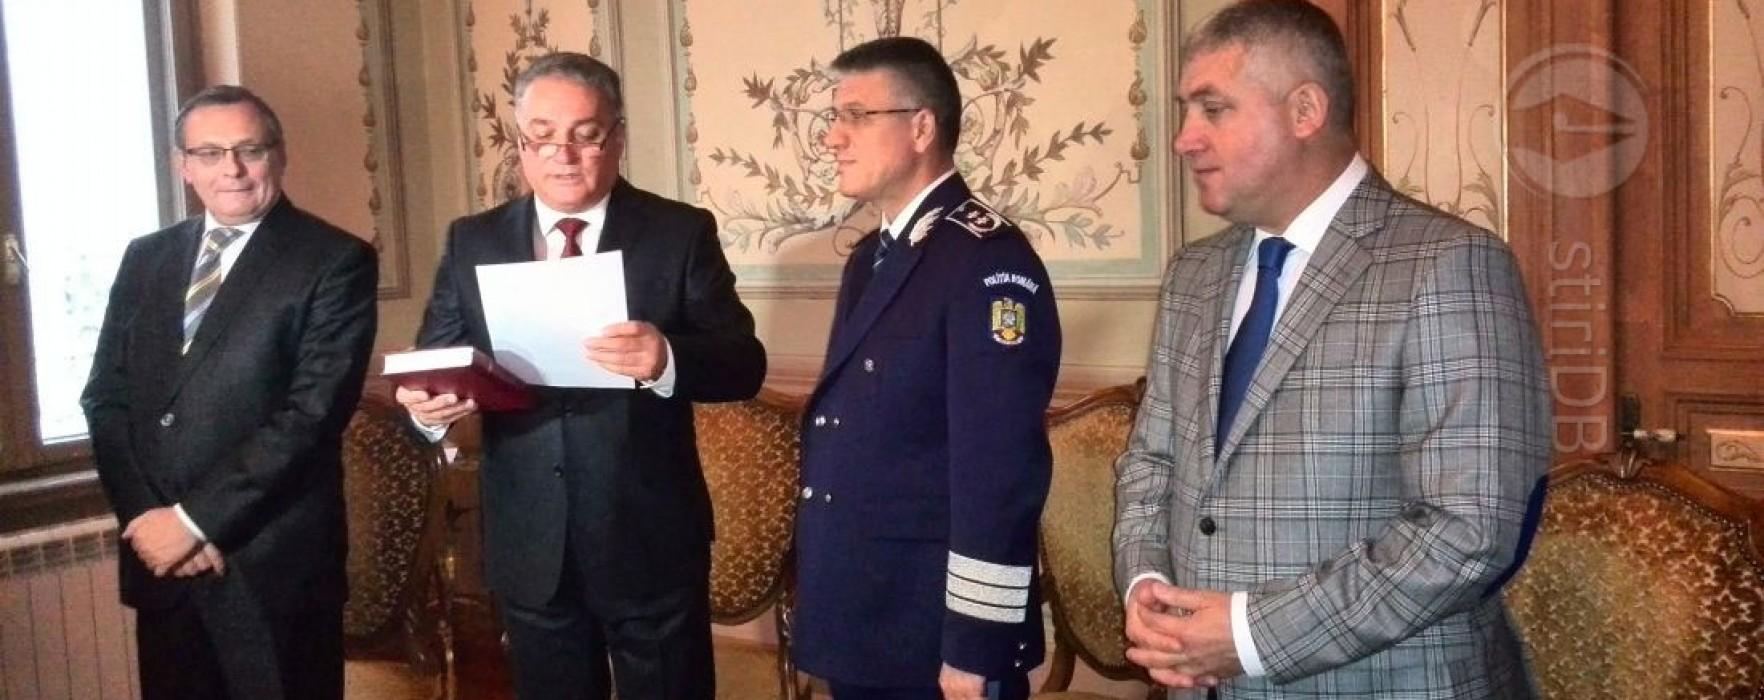 Ioan Marinescu, învestit în funcţia de prefect de Dâmboviţa